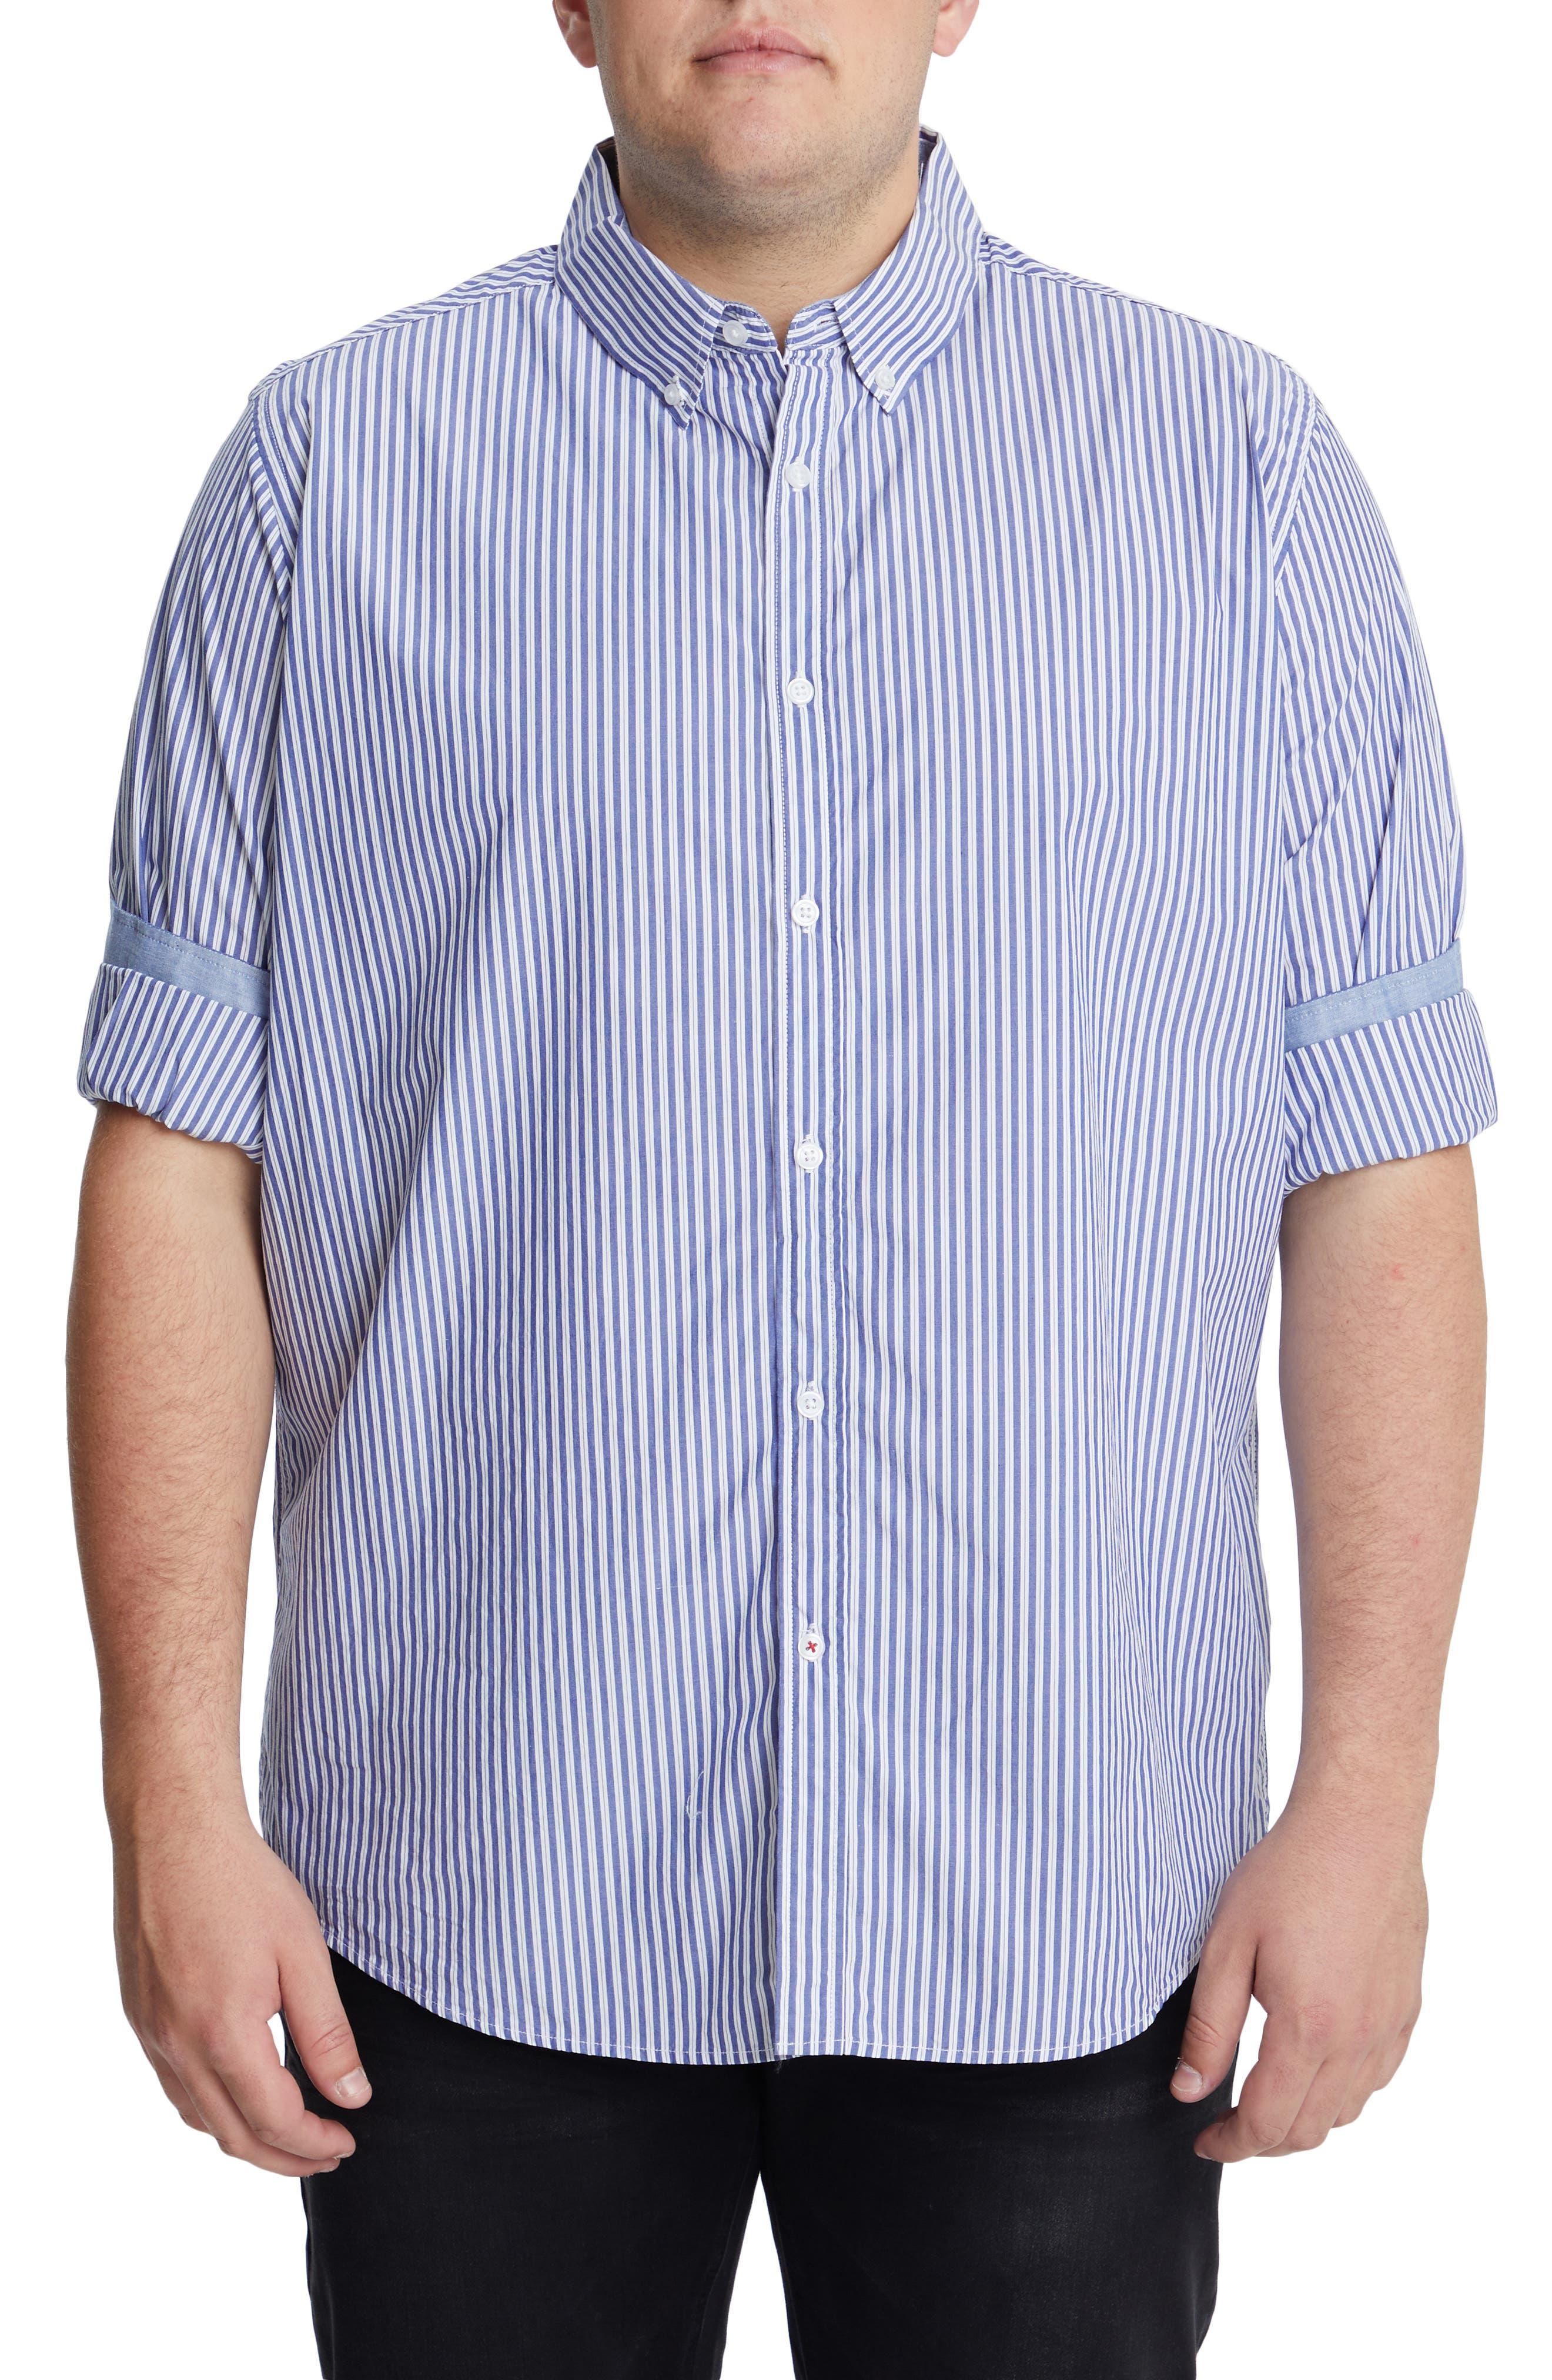 Forrest Stretch Stripe Button-Down Shirt